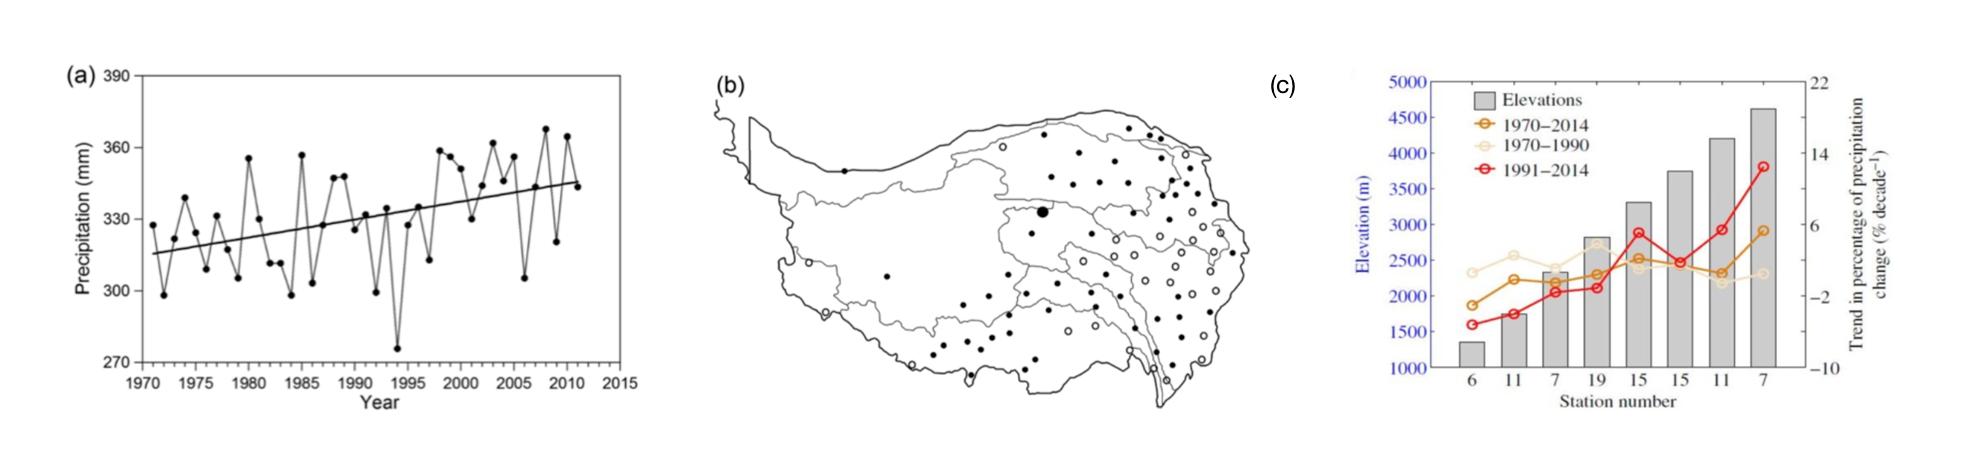 Figure 4 a b c